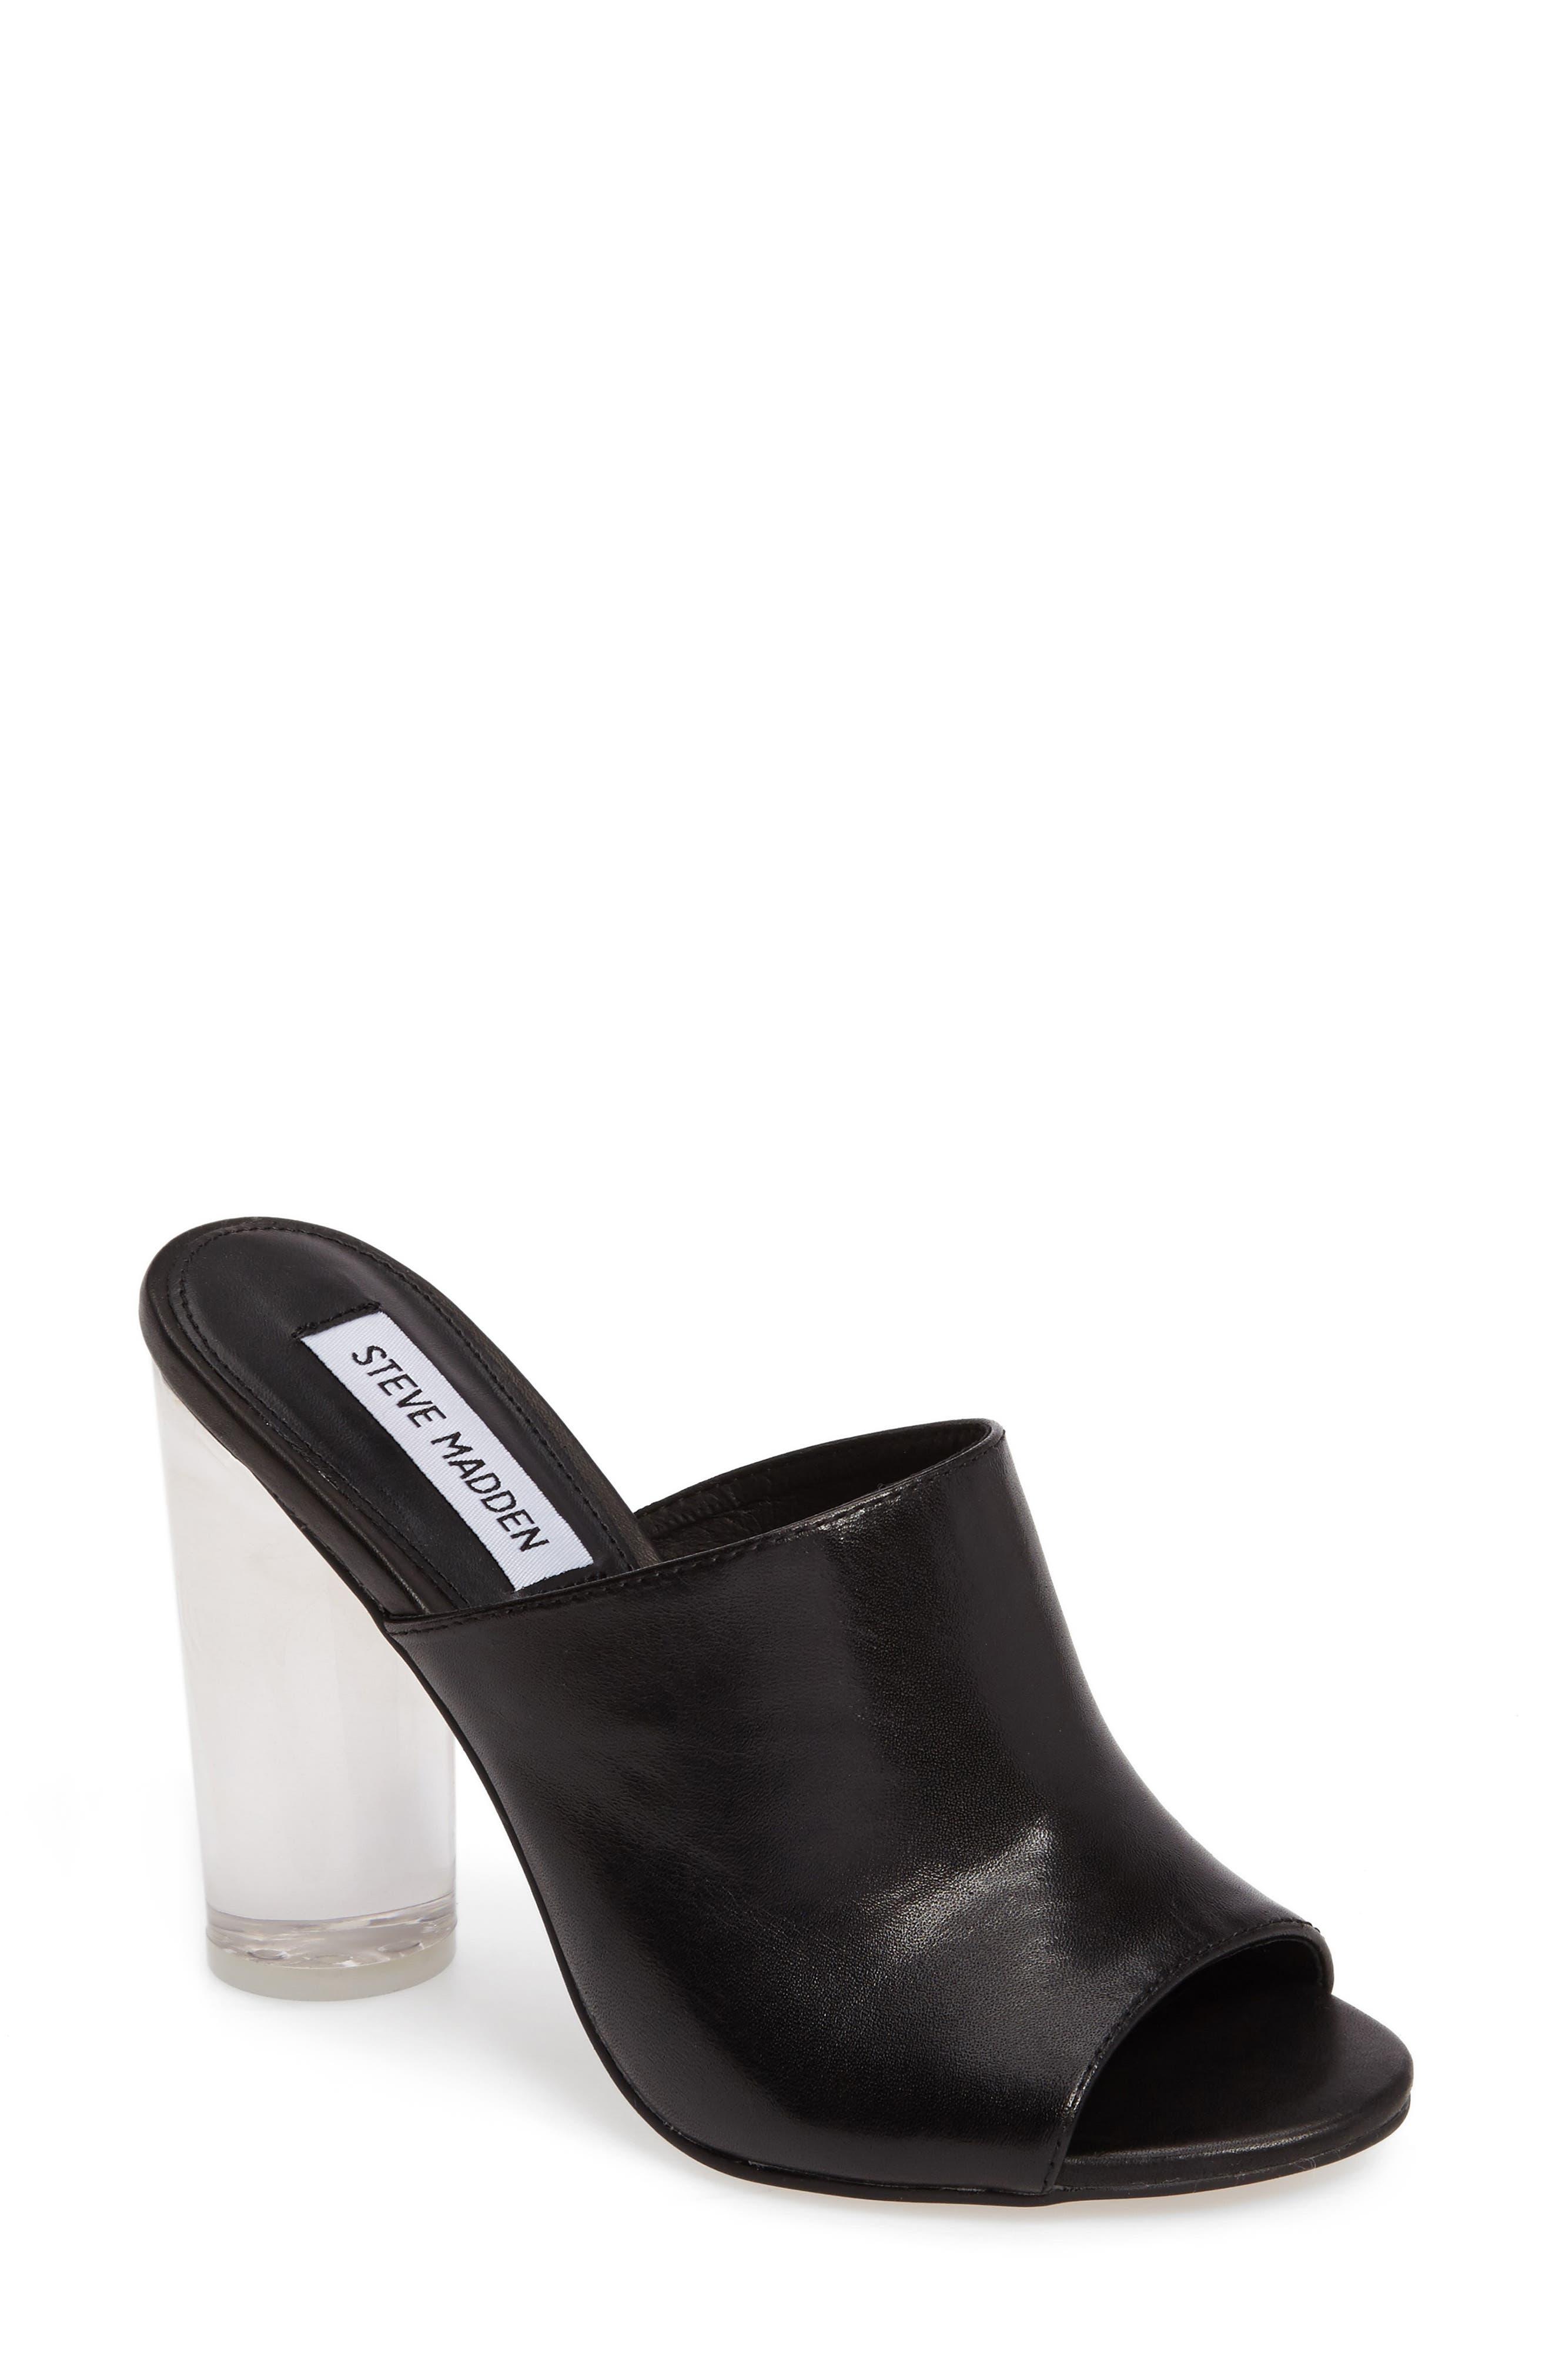 Alternate Image 1 Selected - Steve Madden Classics Mule Sandal (Women)